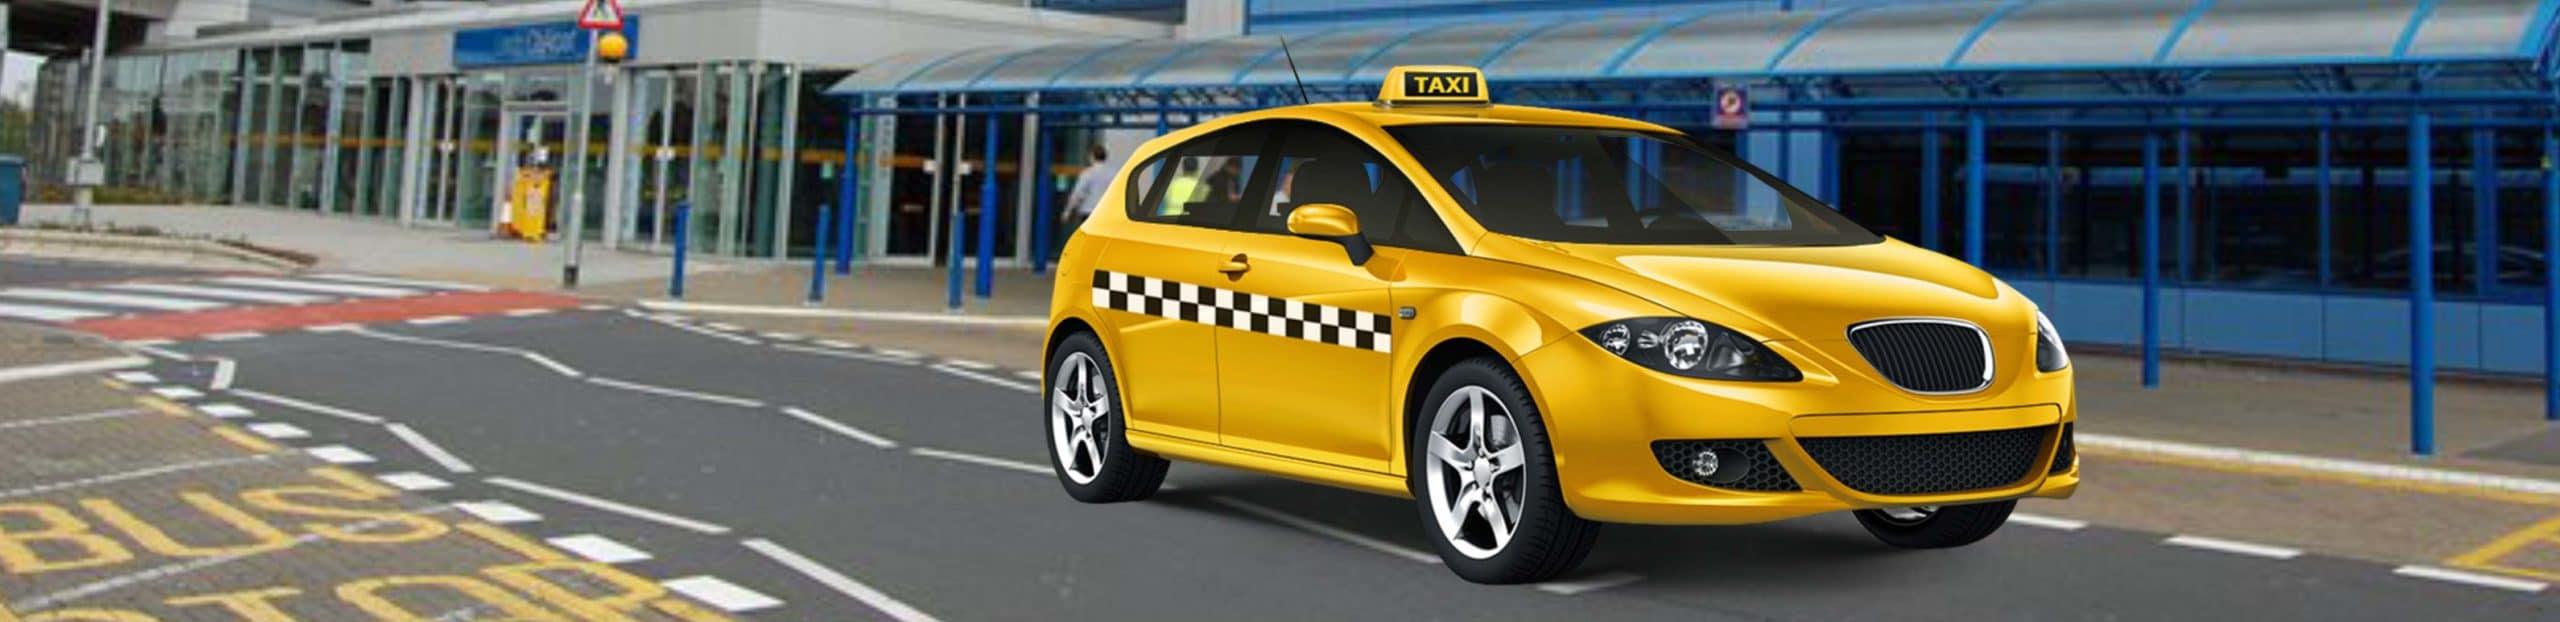 Такси до границы России, Украины, Польши, Литвы и Латвии